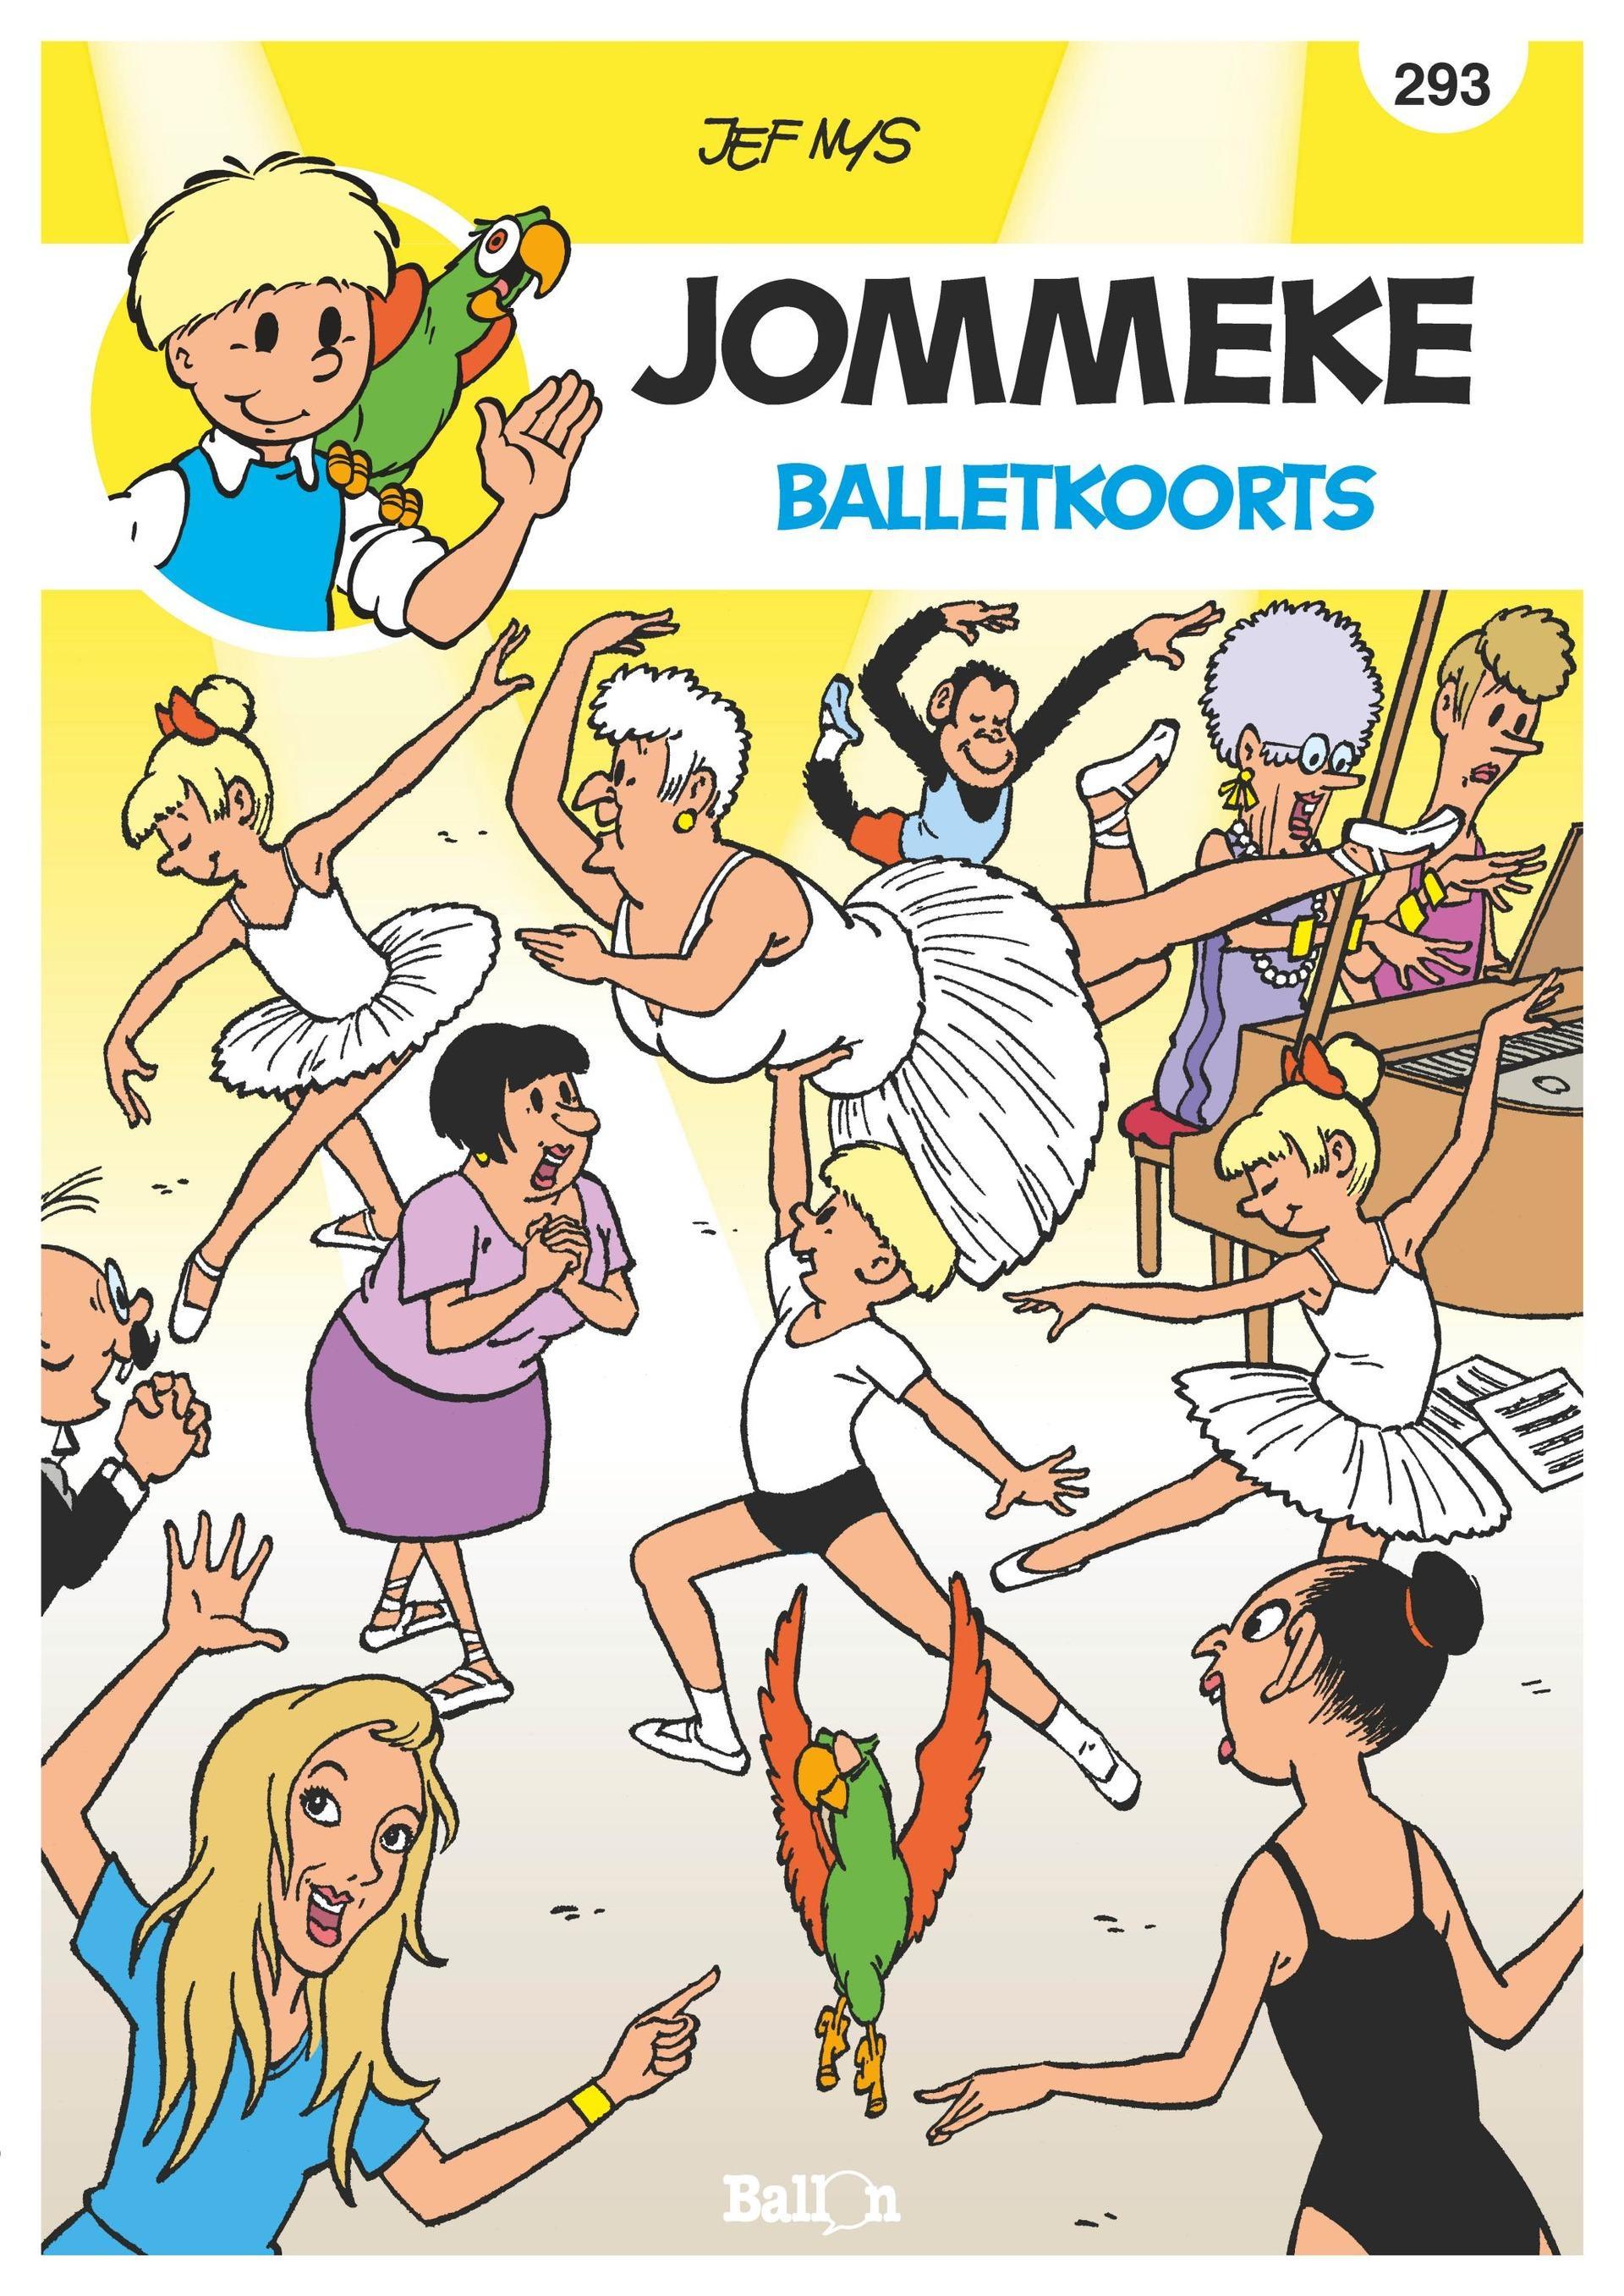 Jommeke - 293 - Balletkoorts